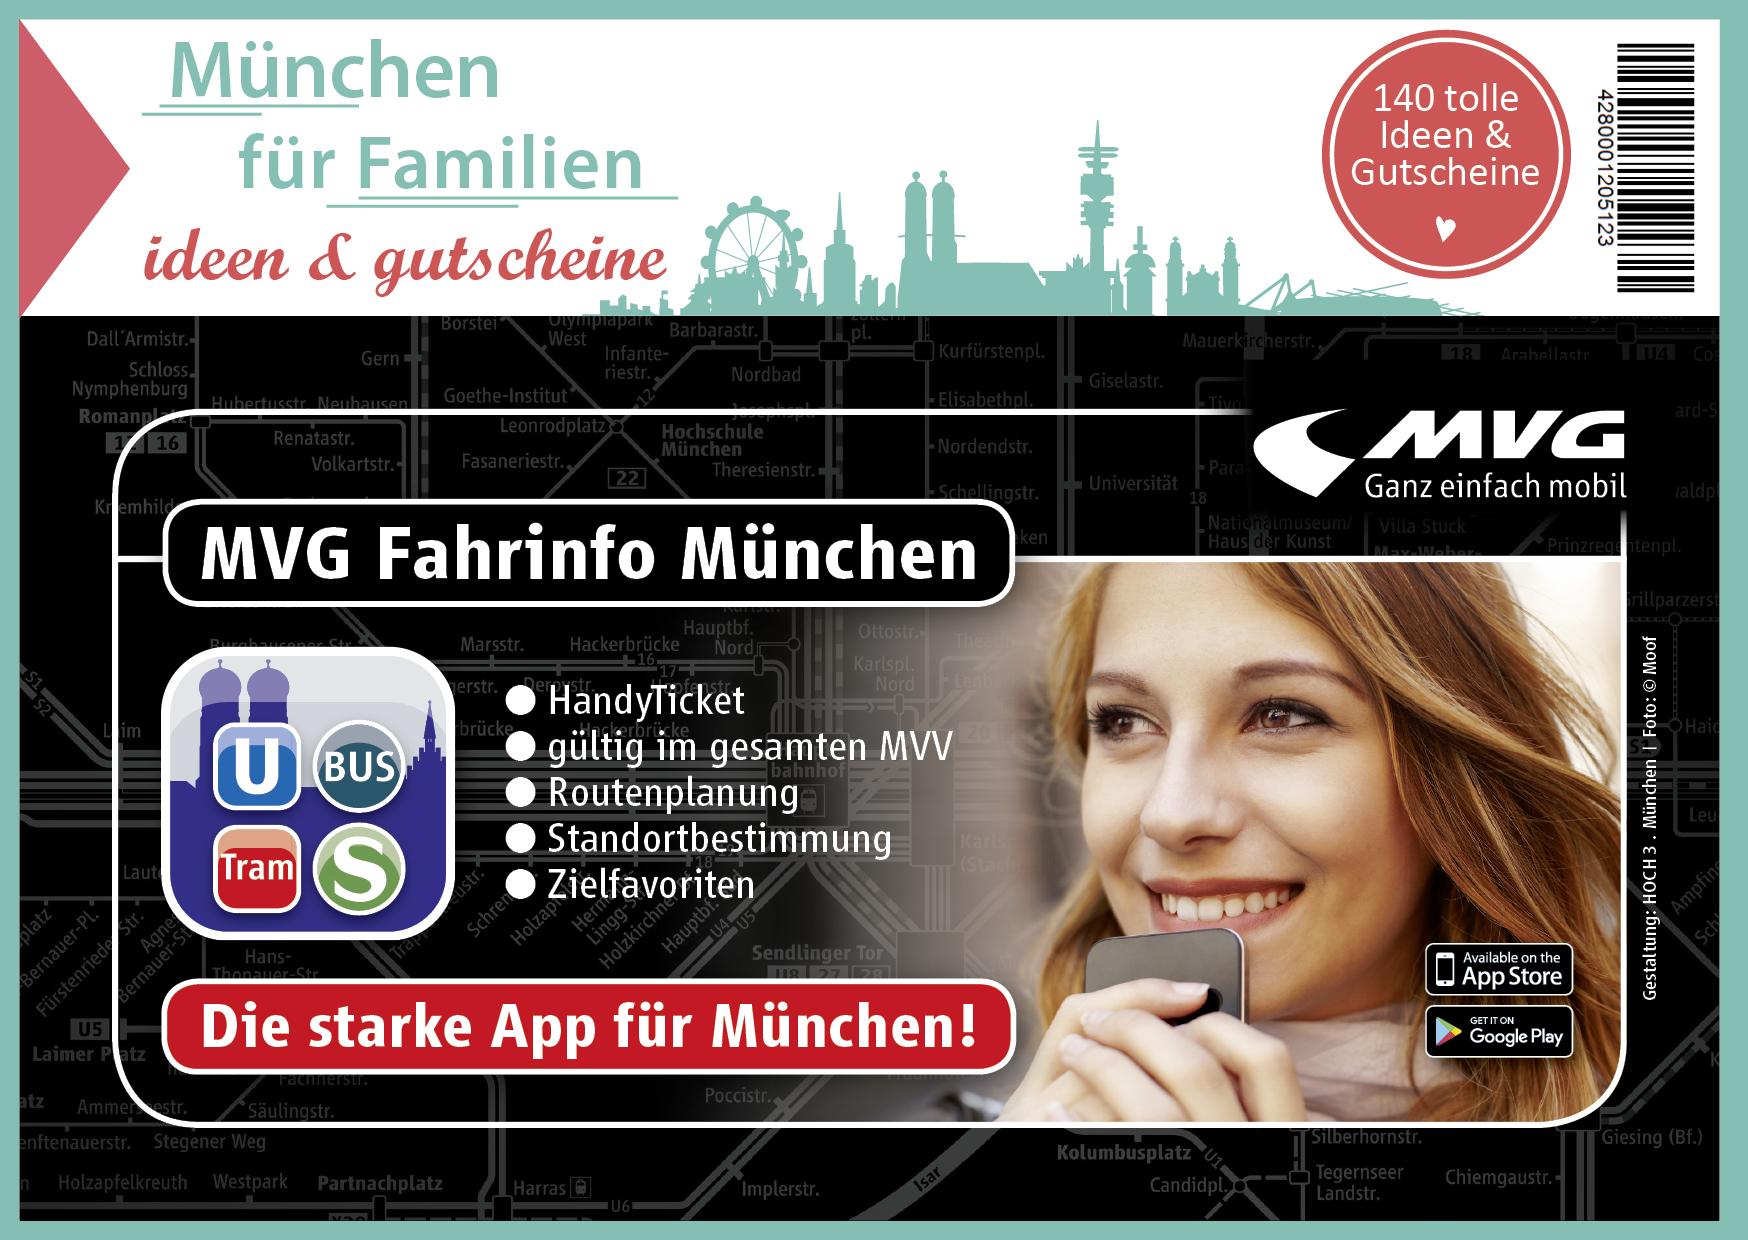 Familien Gutscheinbuch Cover MÅnchen Rueckseite - Gutscheinbuch München für Familien